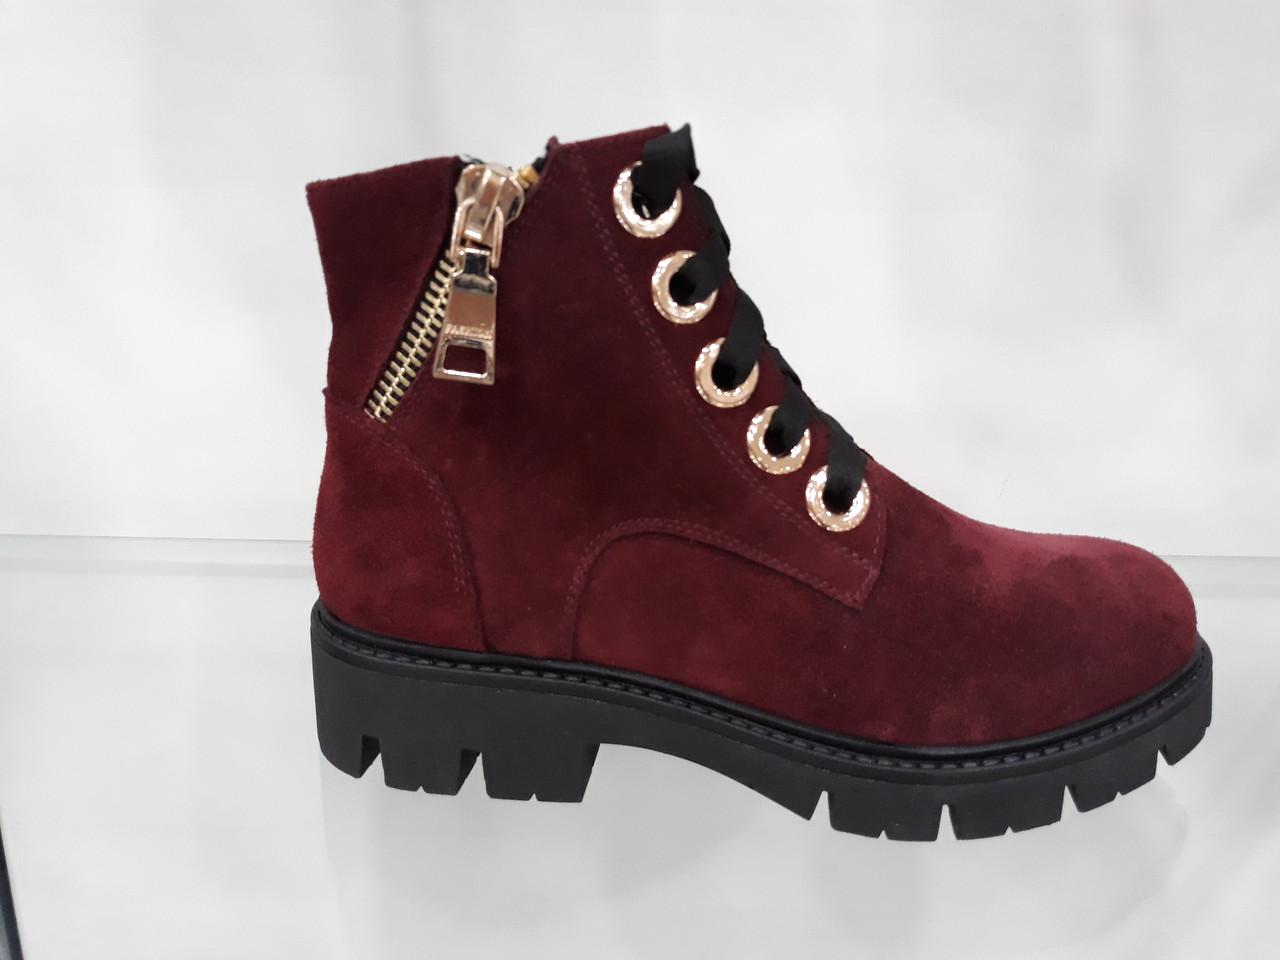 b31a44cd9 Бордовые женские ботинки: продажа, цена в Днепре. ботильоны, ботинки ...